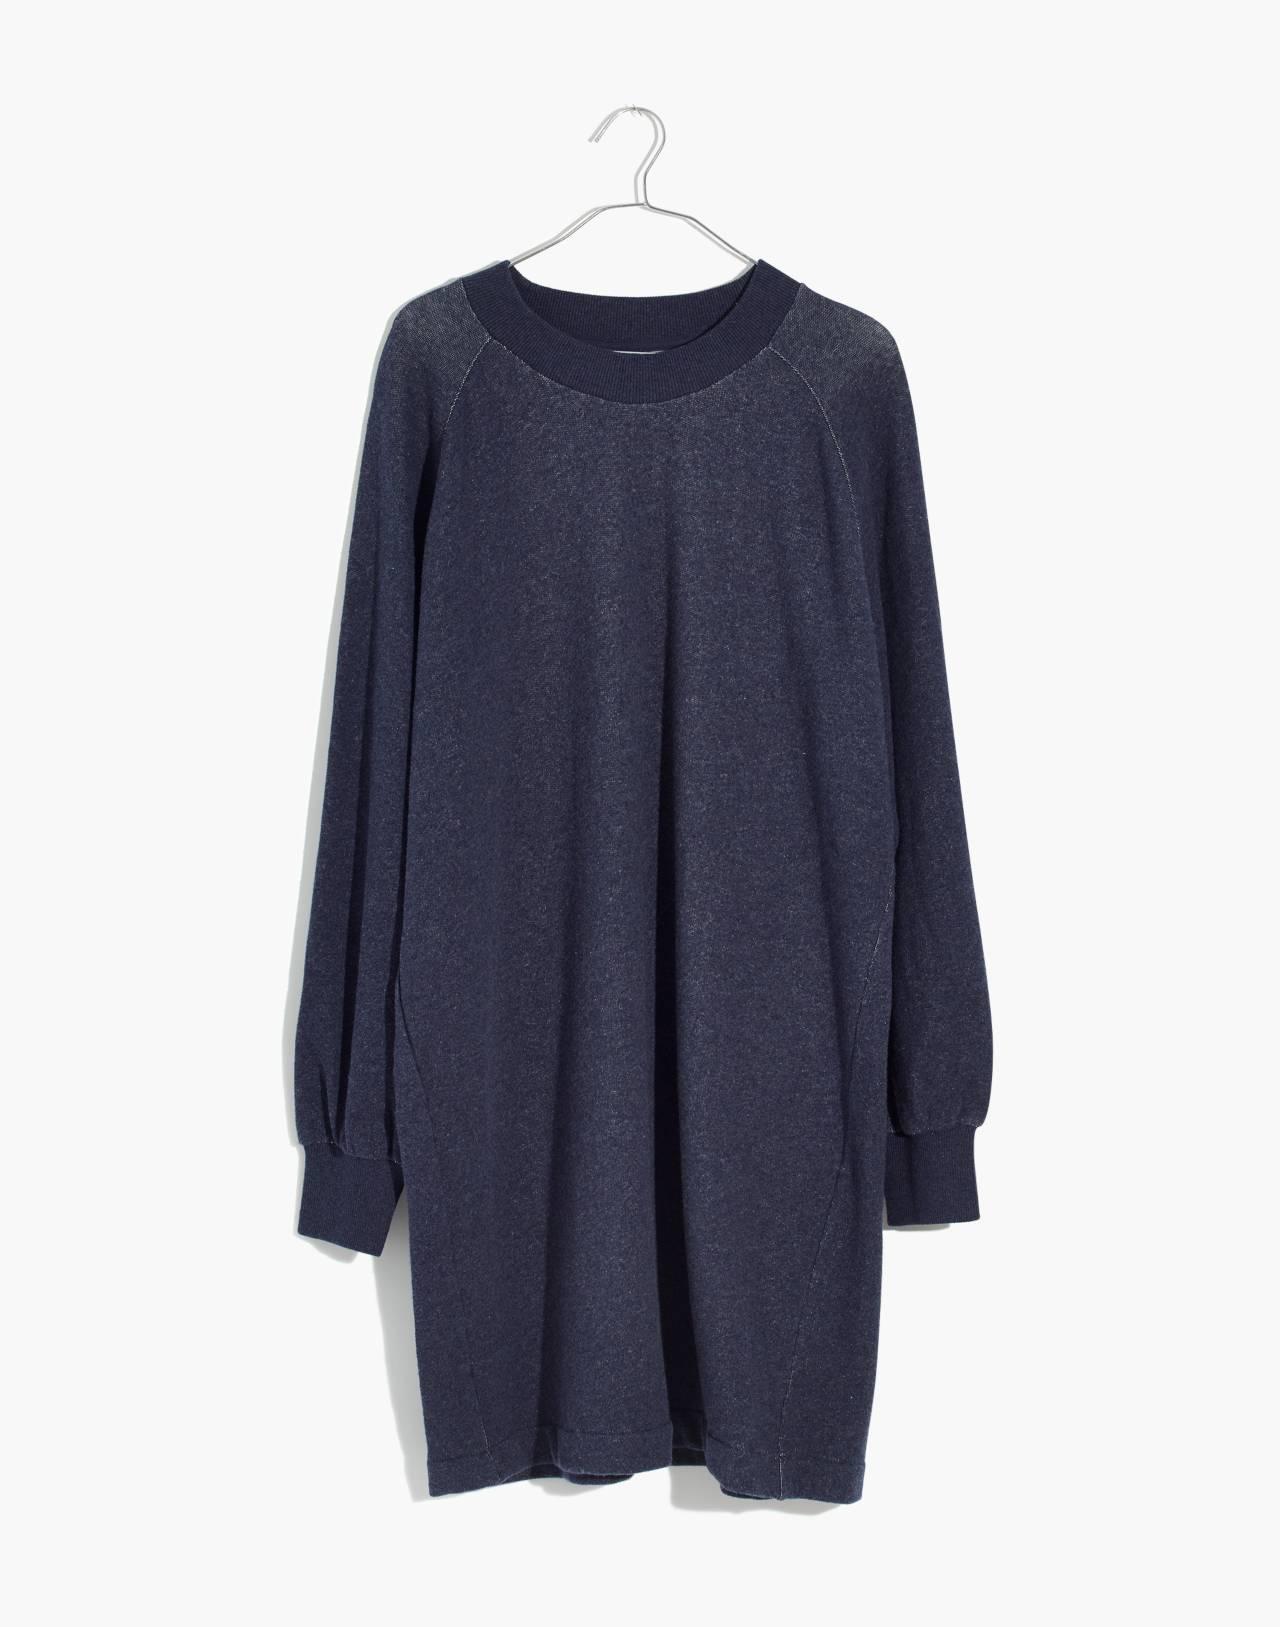 Bubble-Sleeve Sweatshirt Dress in hthr ink image 4